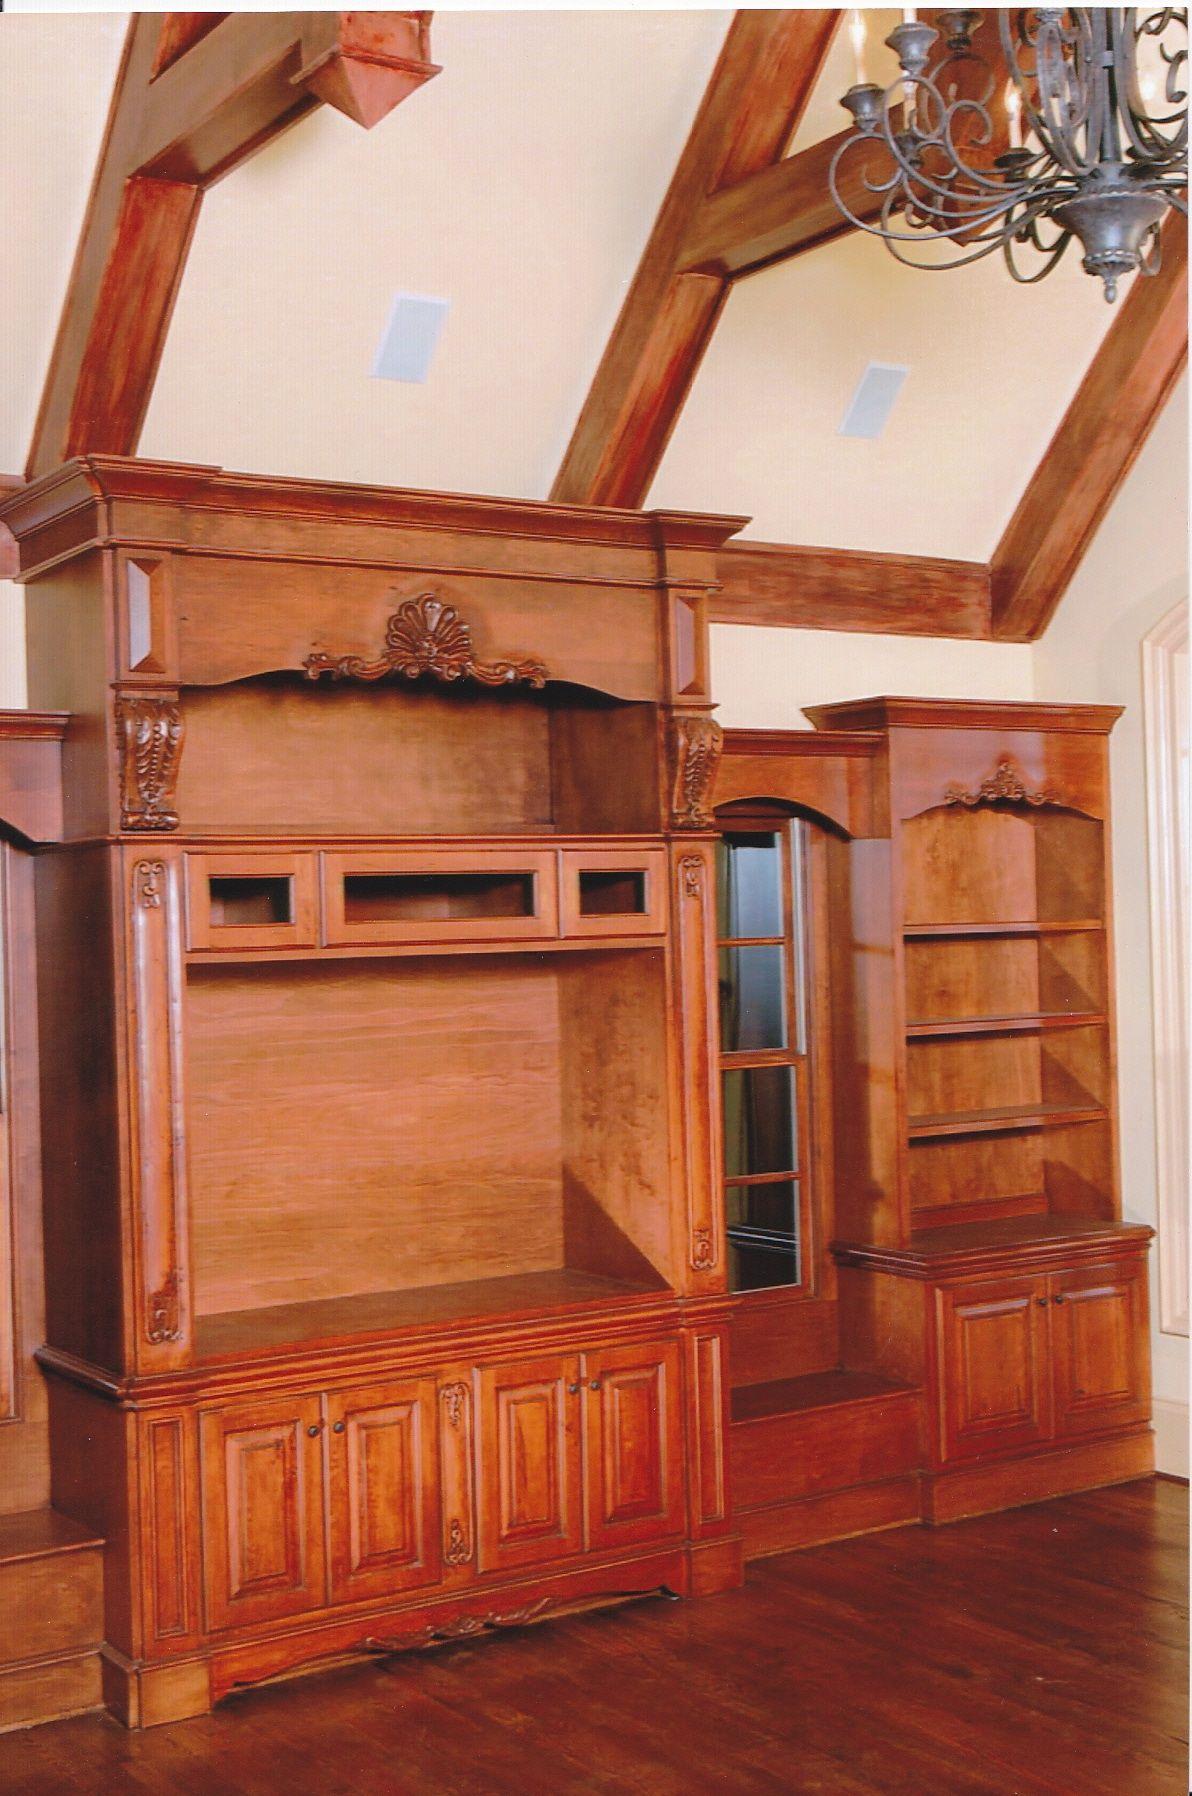 www.barkerwoodworks.com